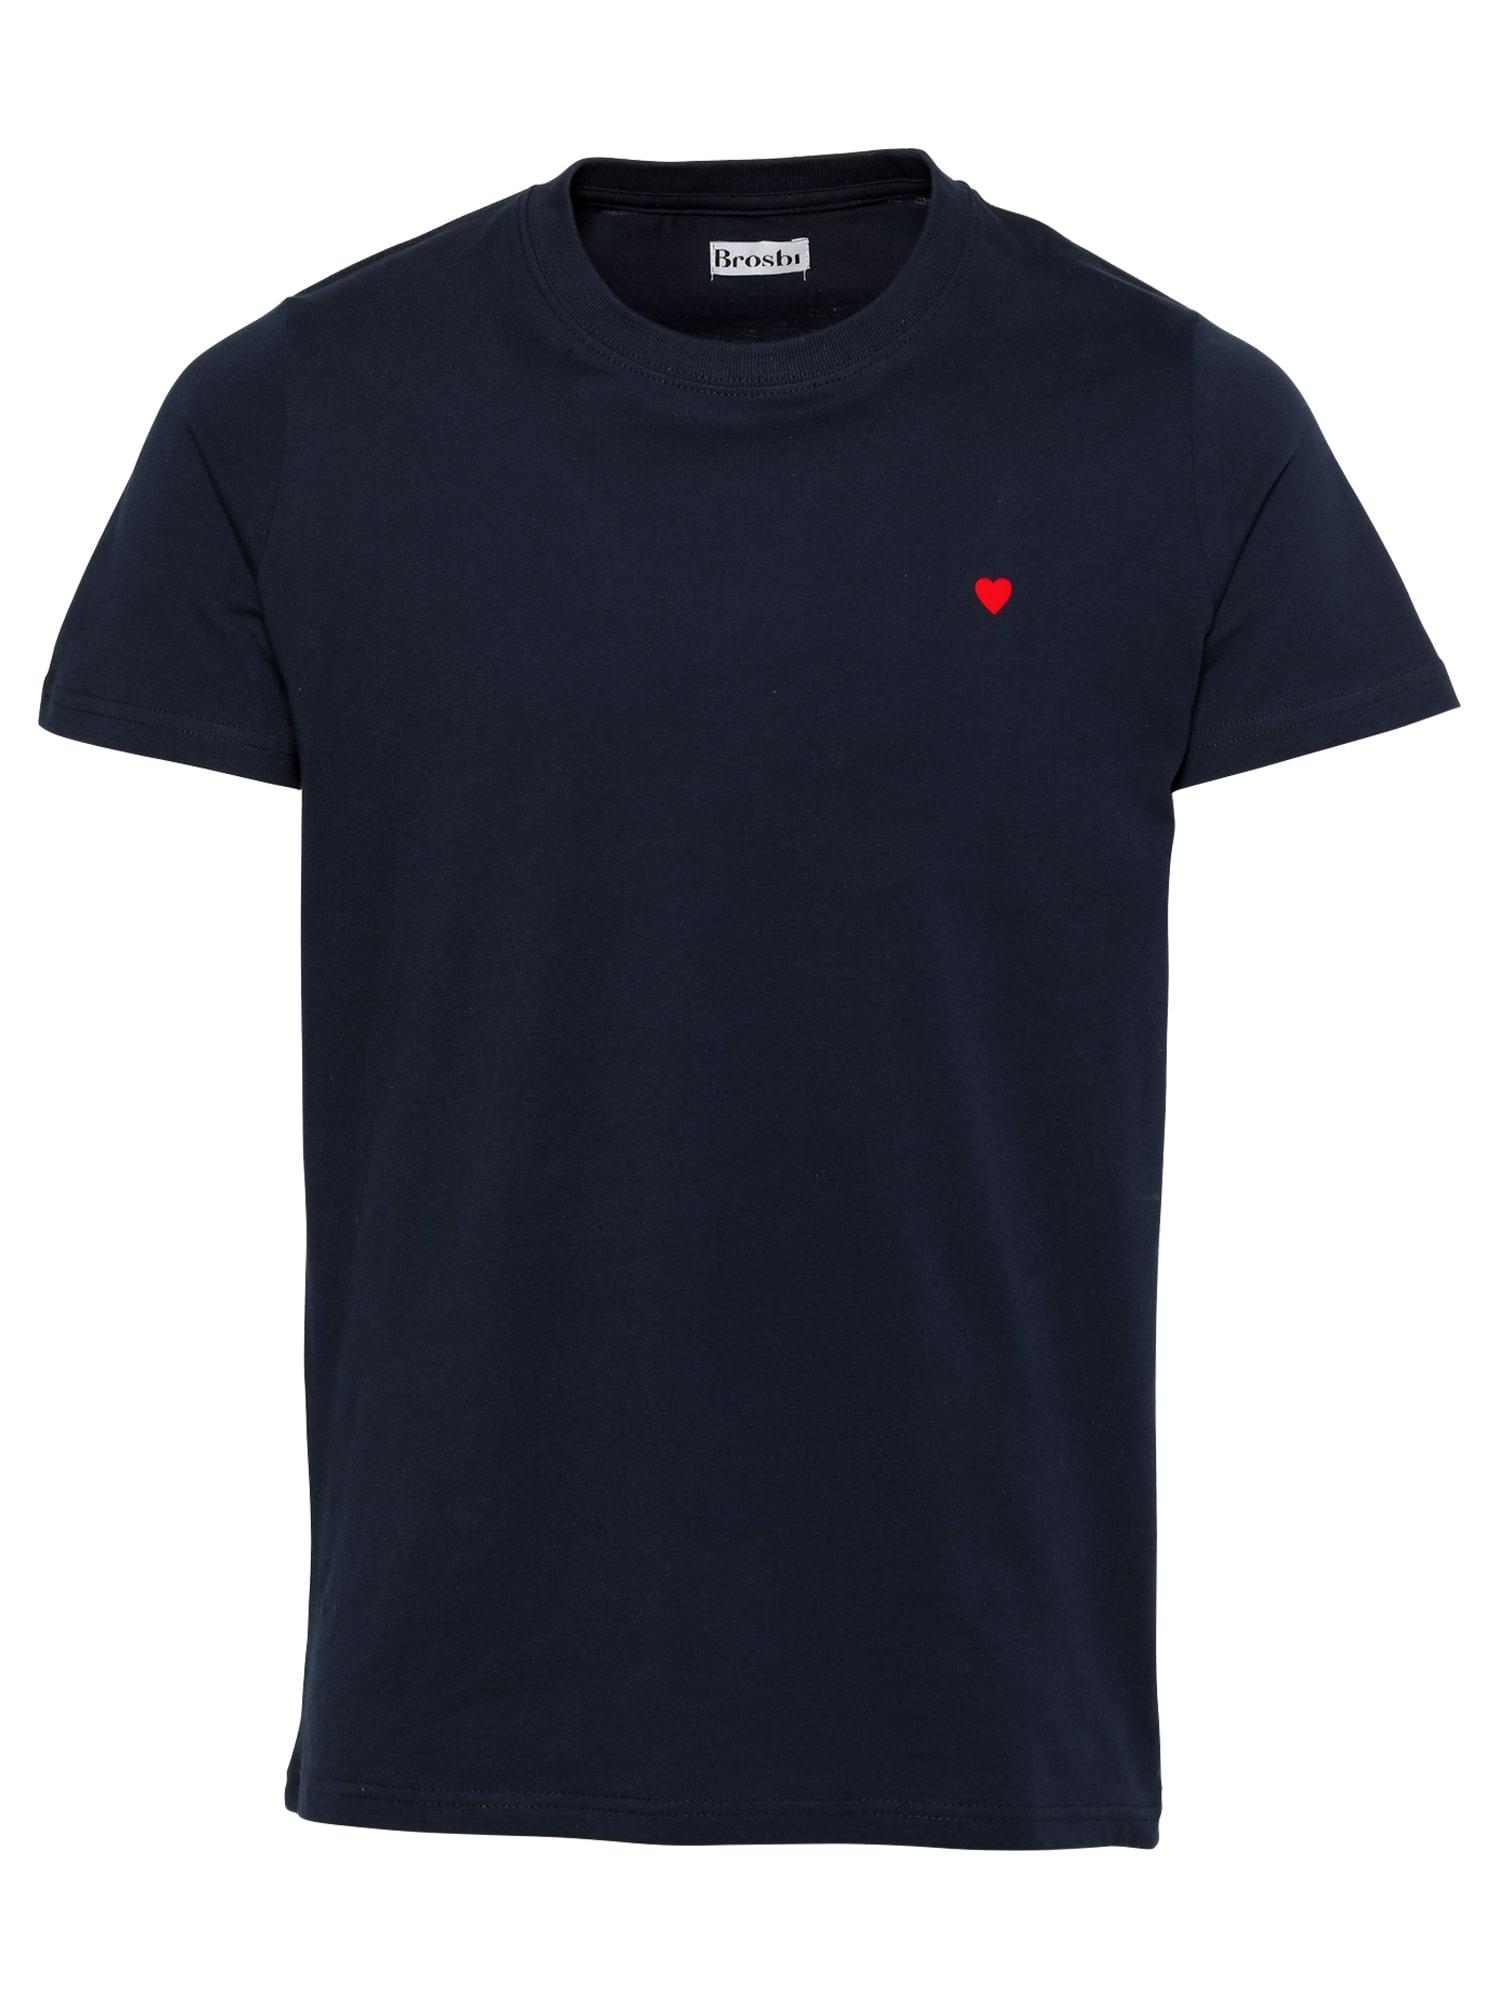 Brosbi Marškinėliai